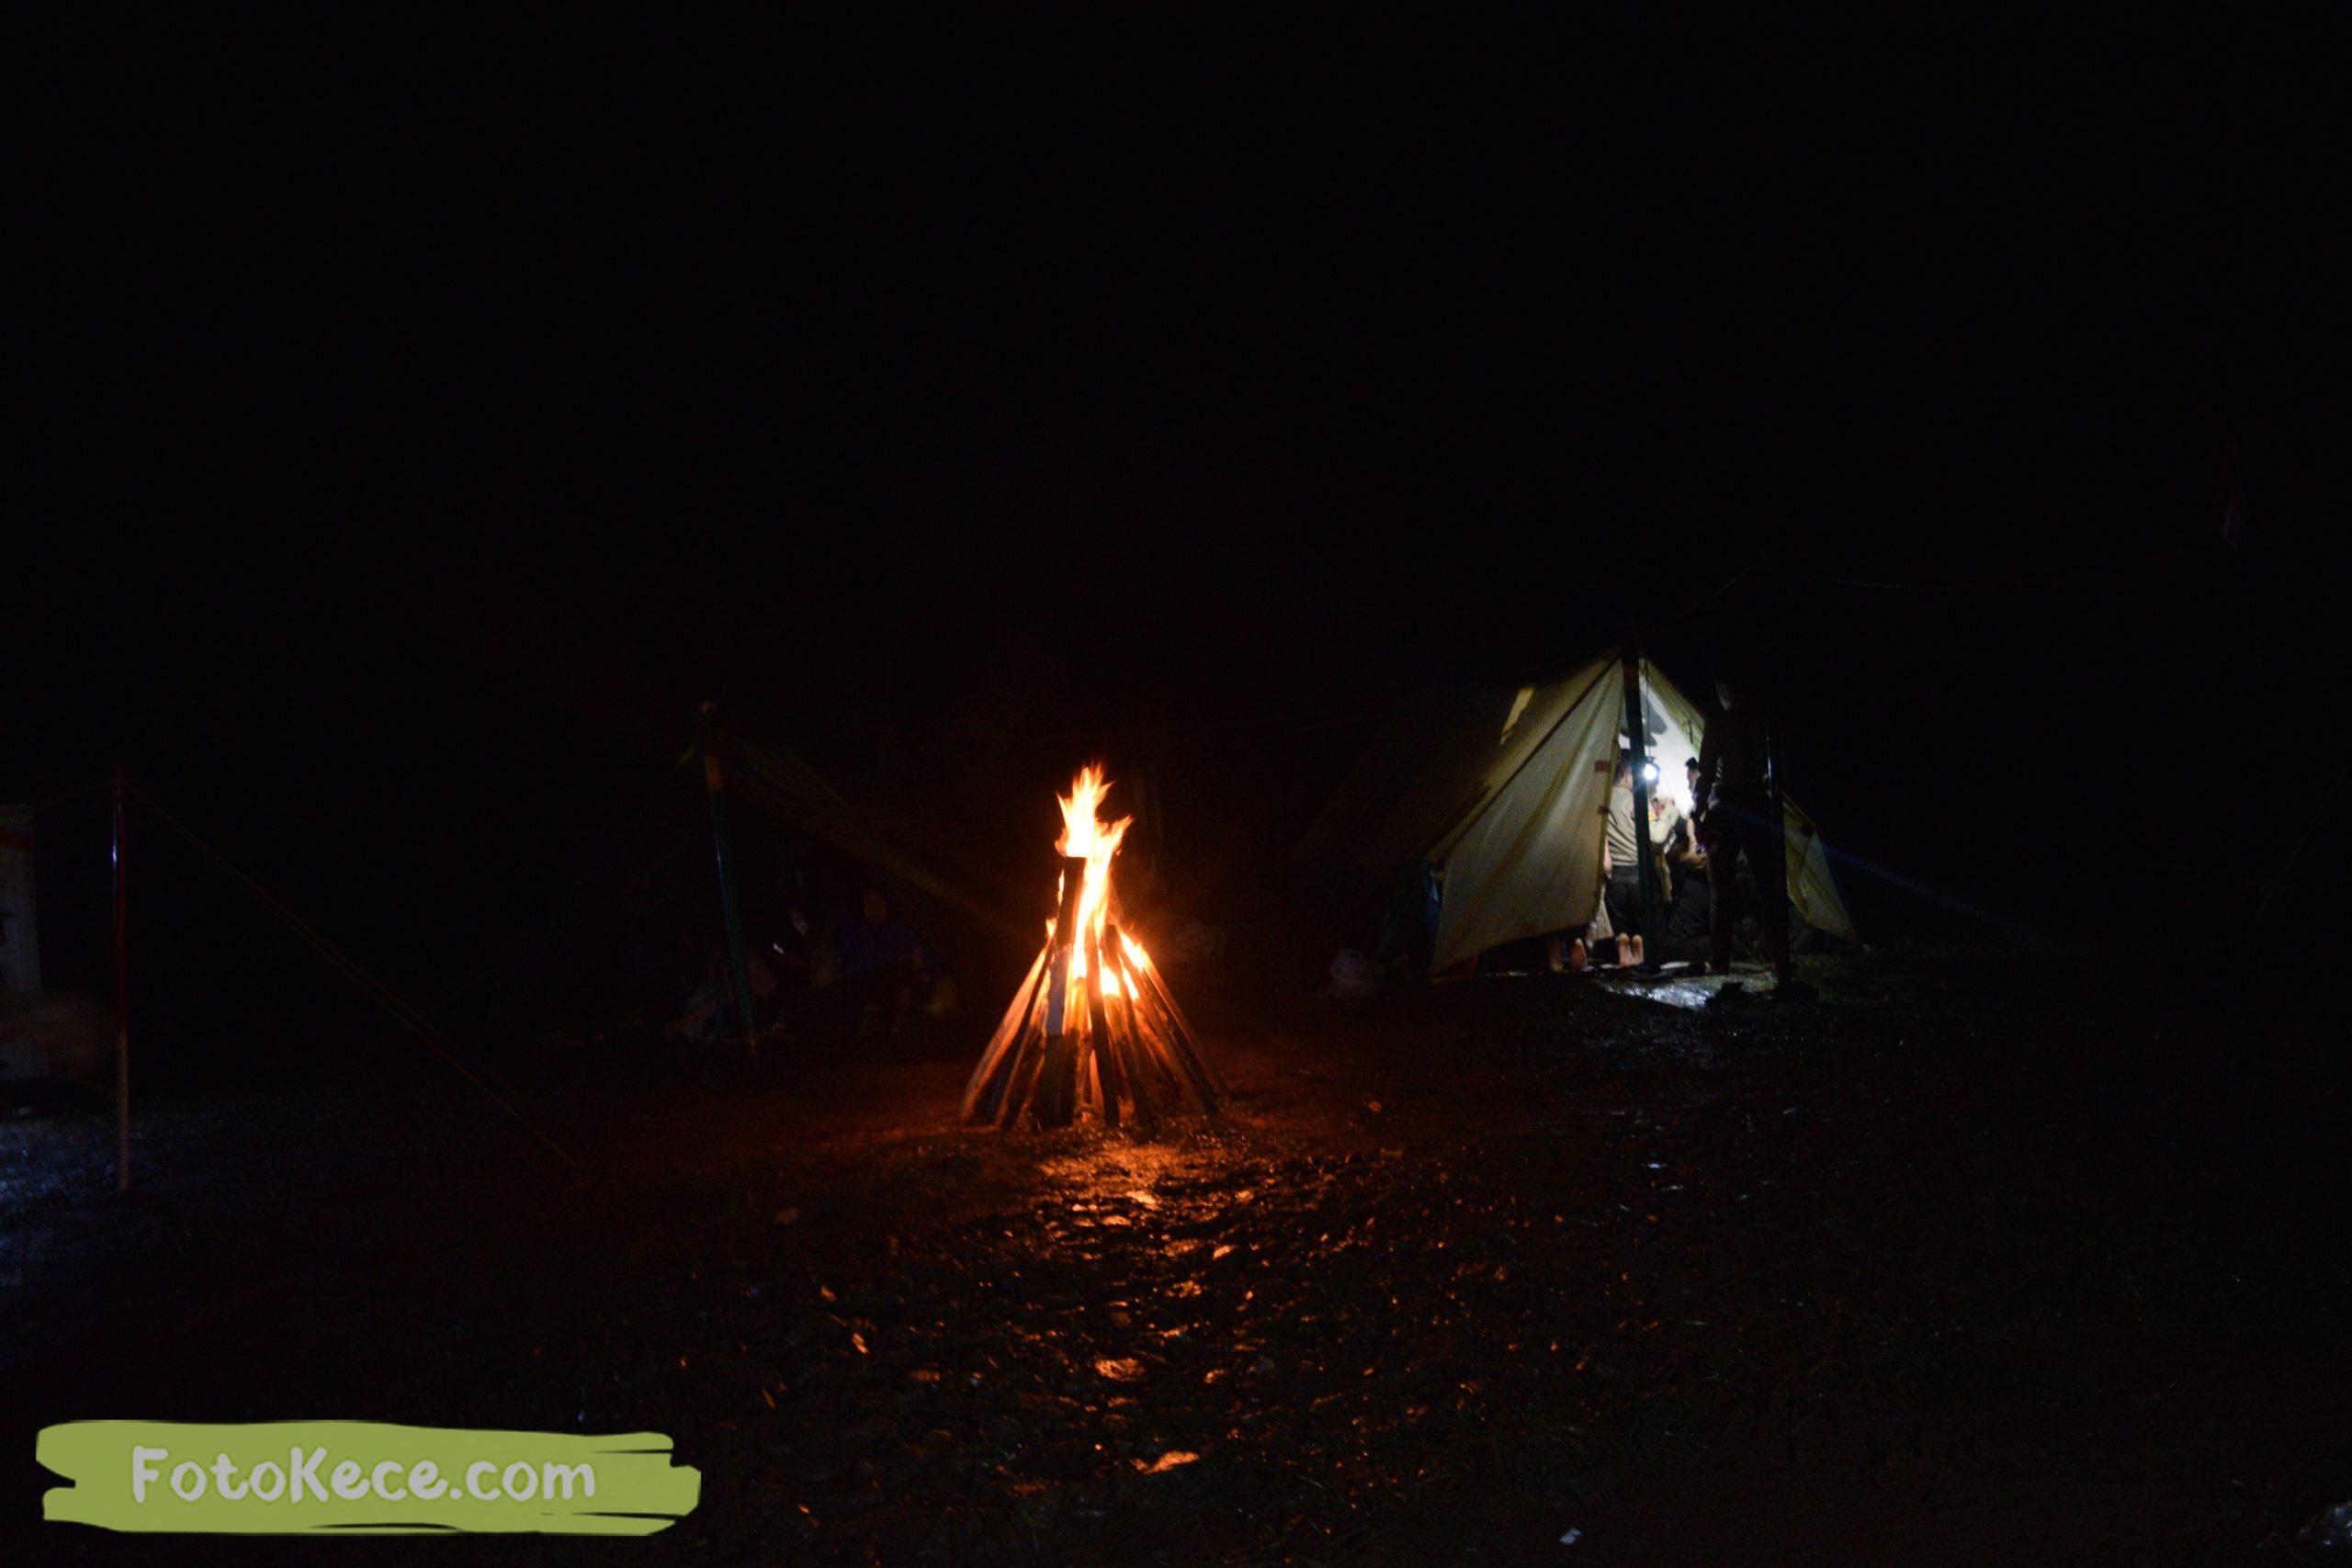 kegiatan sore malam perkemahan narakarya 1 mtsn 2 sukabumi 24 25 januari 2020 pramuka hebat puncak buluh foto kece 72 scaled